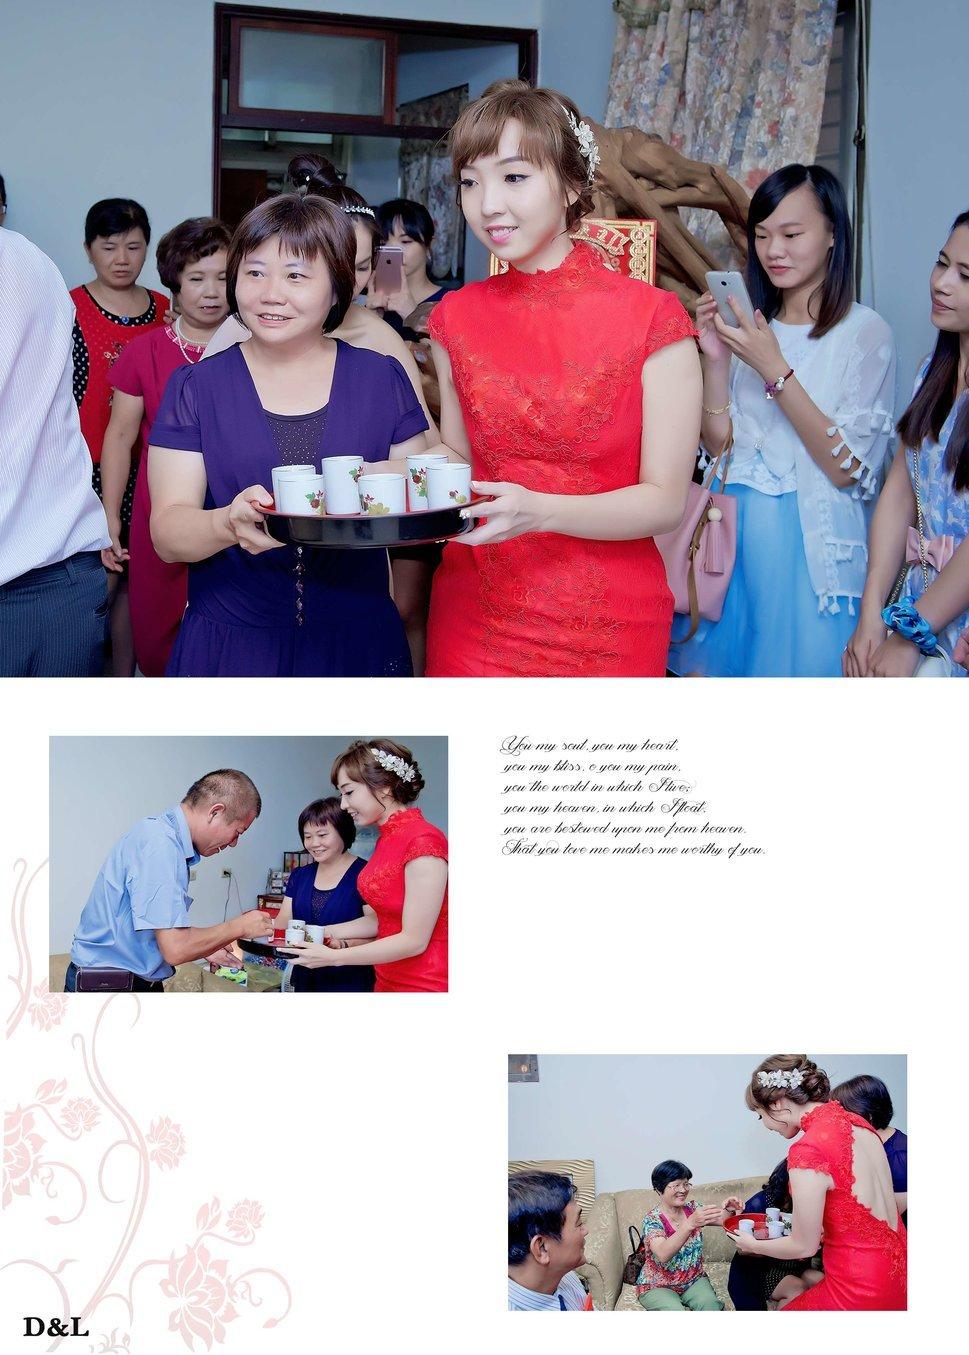 婚禮紀錄 嘉捷&莉卿(編號:300022) - D&L 婚禮事務-婚禮攝影/婚紗寫真 - 結婚吧一站式婚禮服務平台